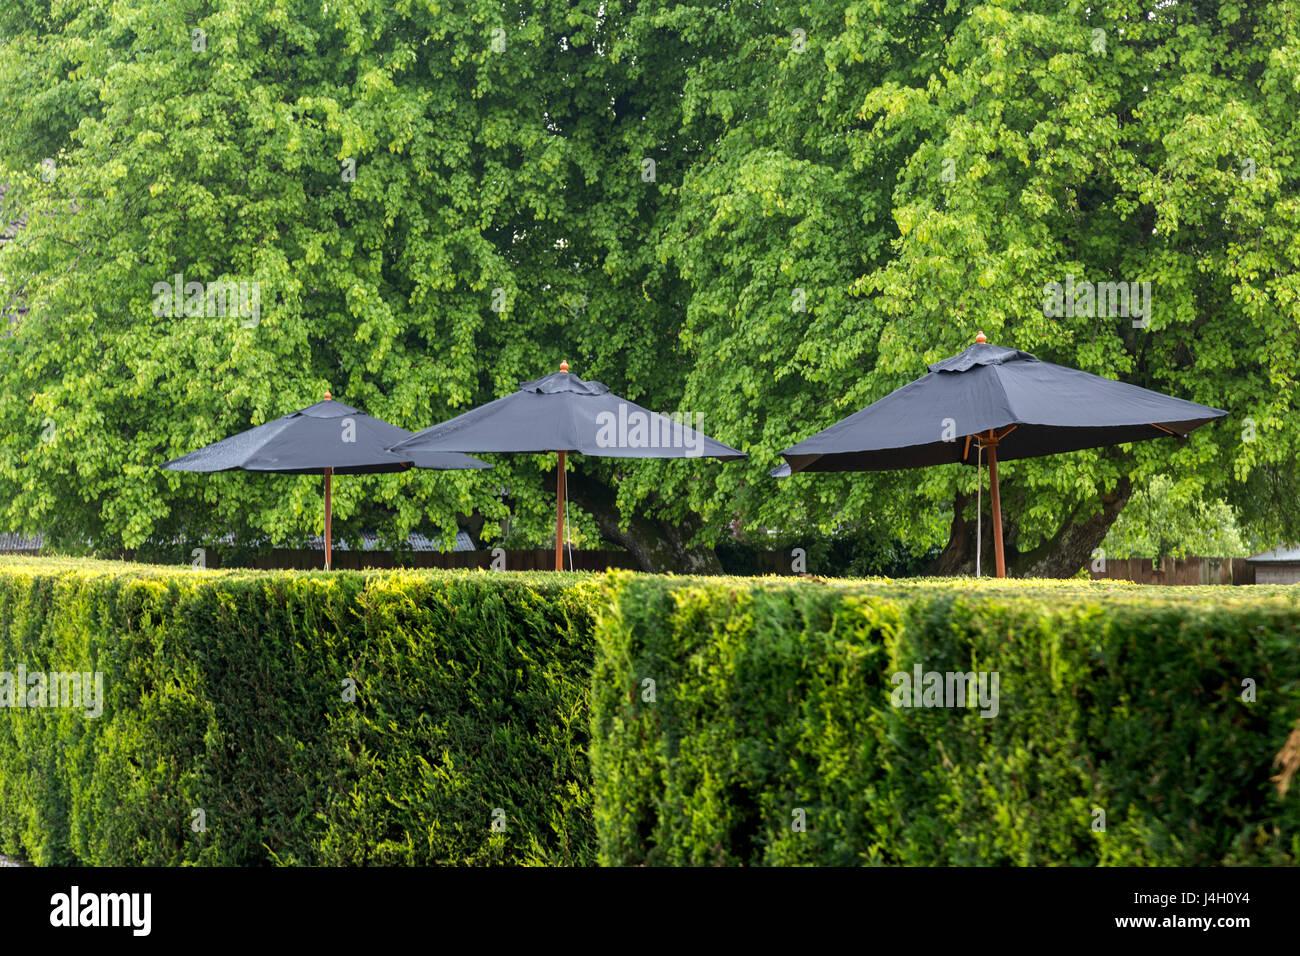 Ordentlich getrimmt Leylandii Hecke mit schwarzen Garten Sonnenschirme - Cupressus × leylandii Stockfoto